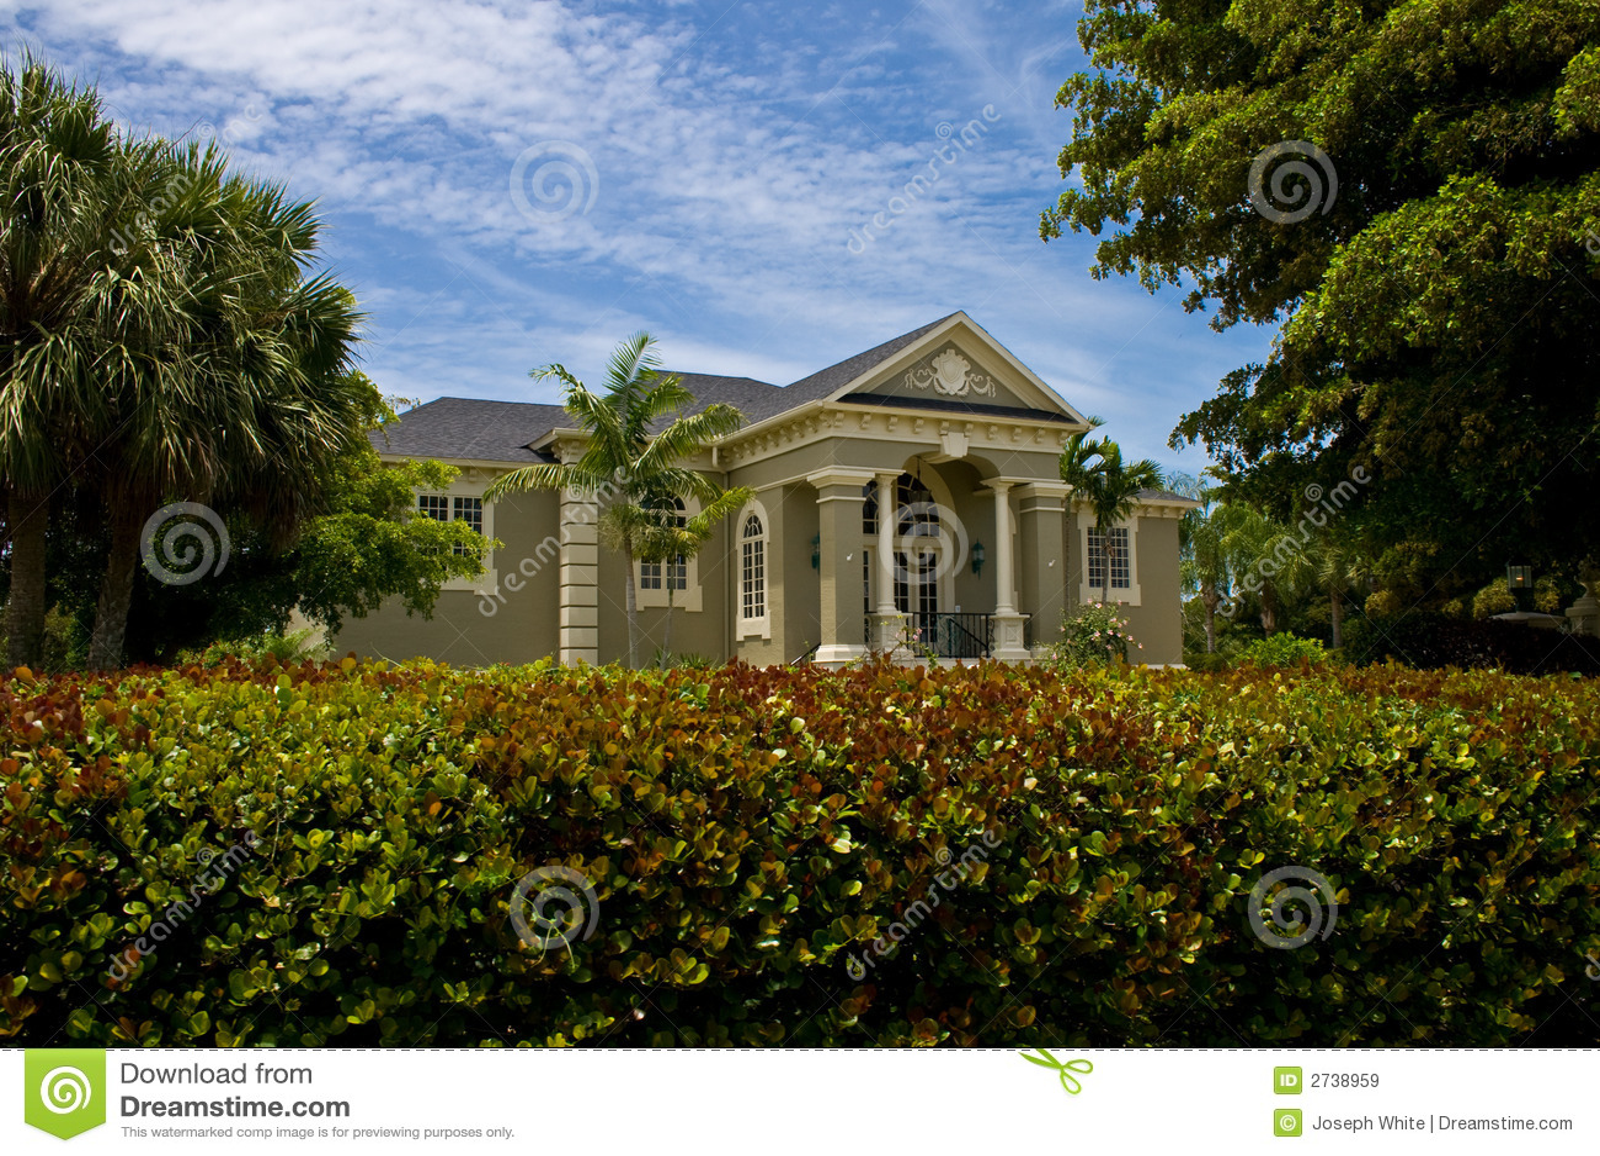 Casa cl ssica neo moderna imagens de stock royalty free for Casa classica moderna